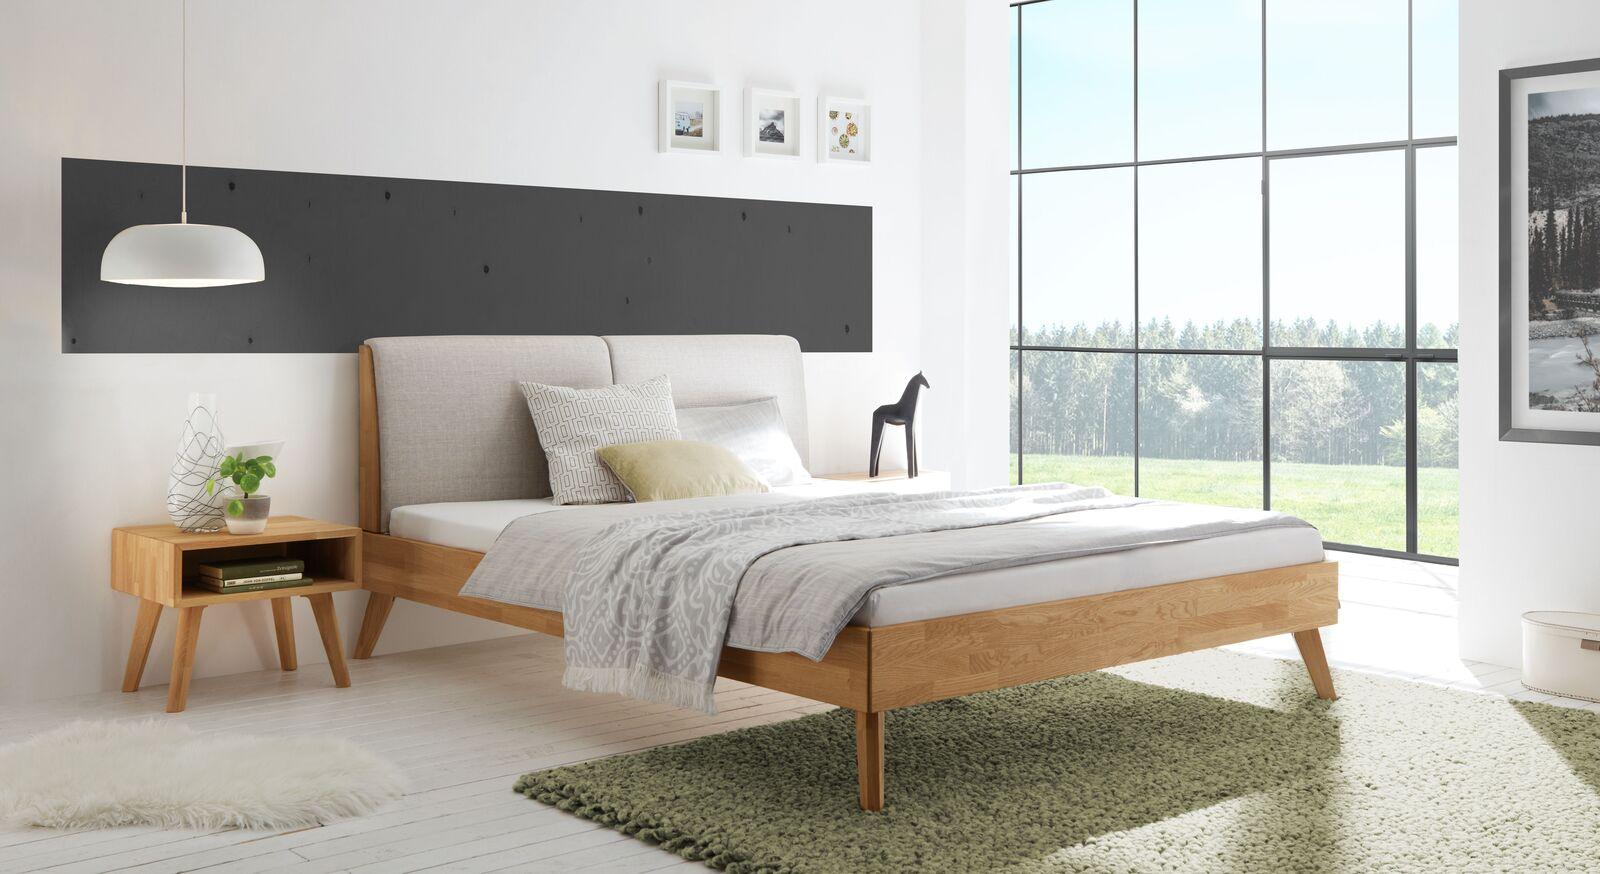 Bett Elina mit passendem Nachttisch